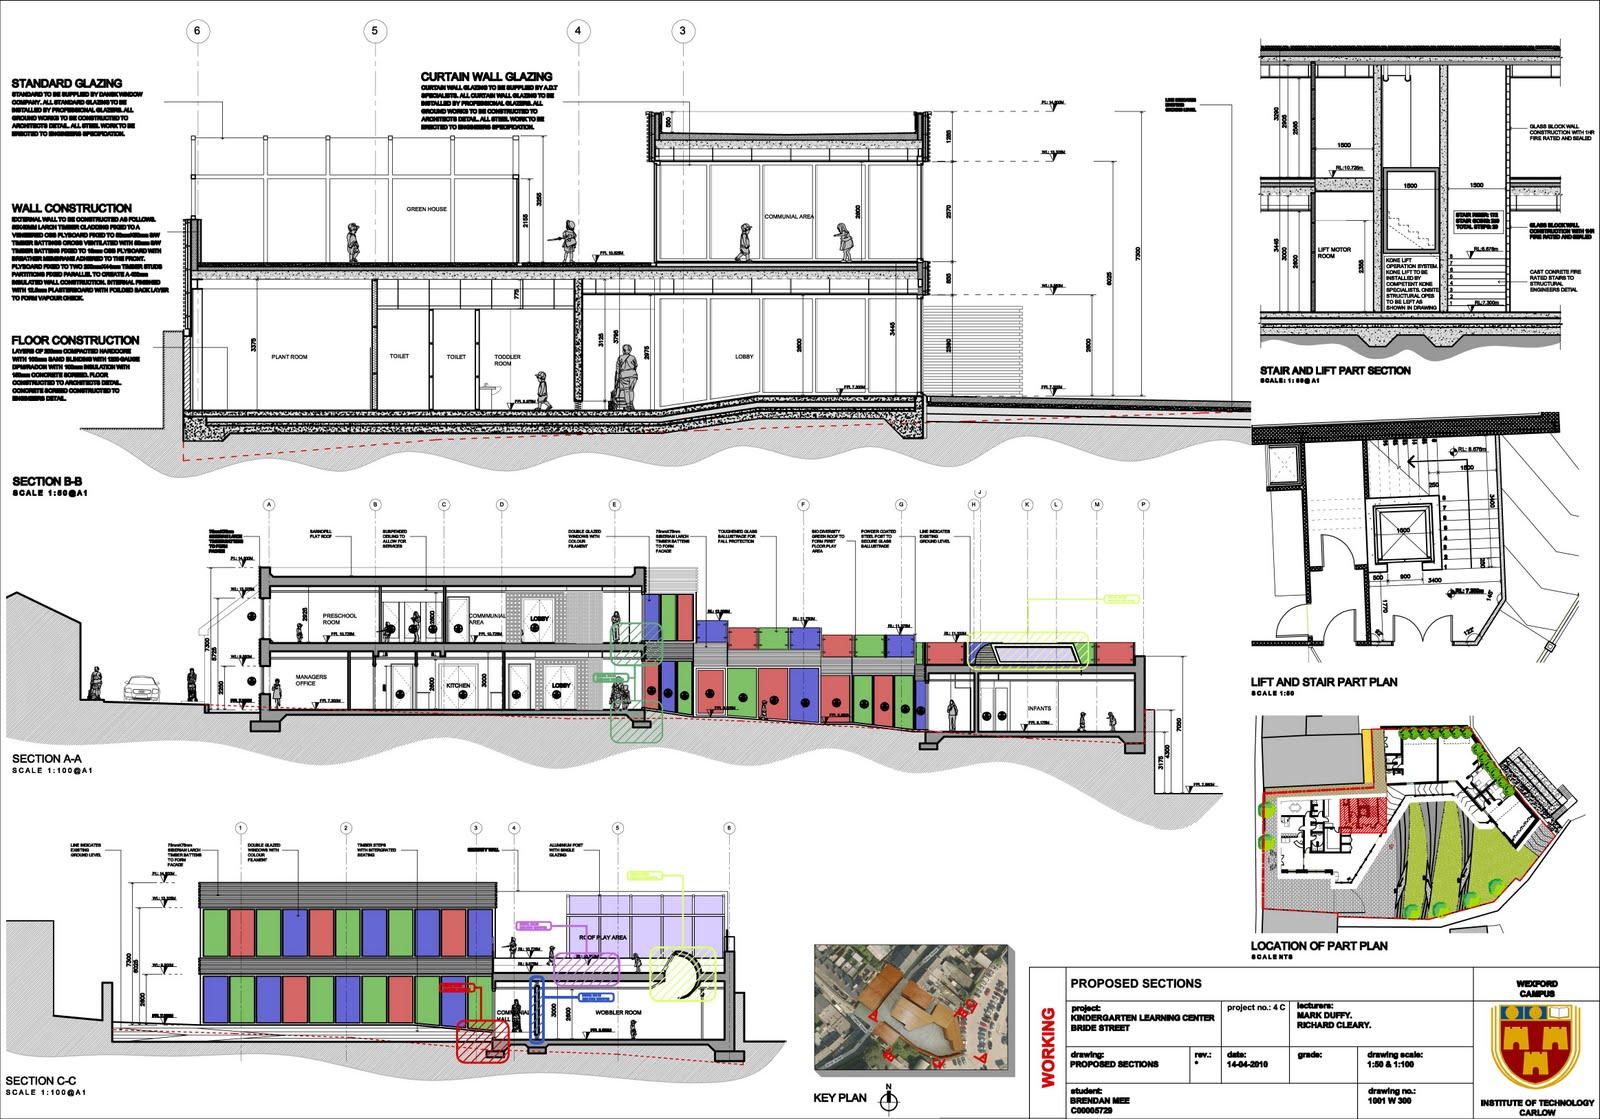 Kindergarten Plan Elevation Section : Brendan mee kindergarten sections